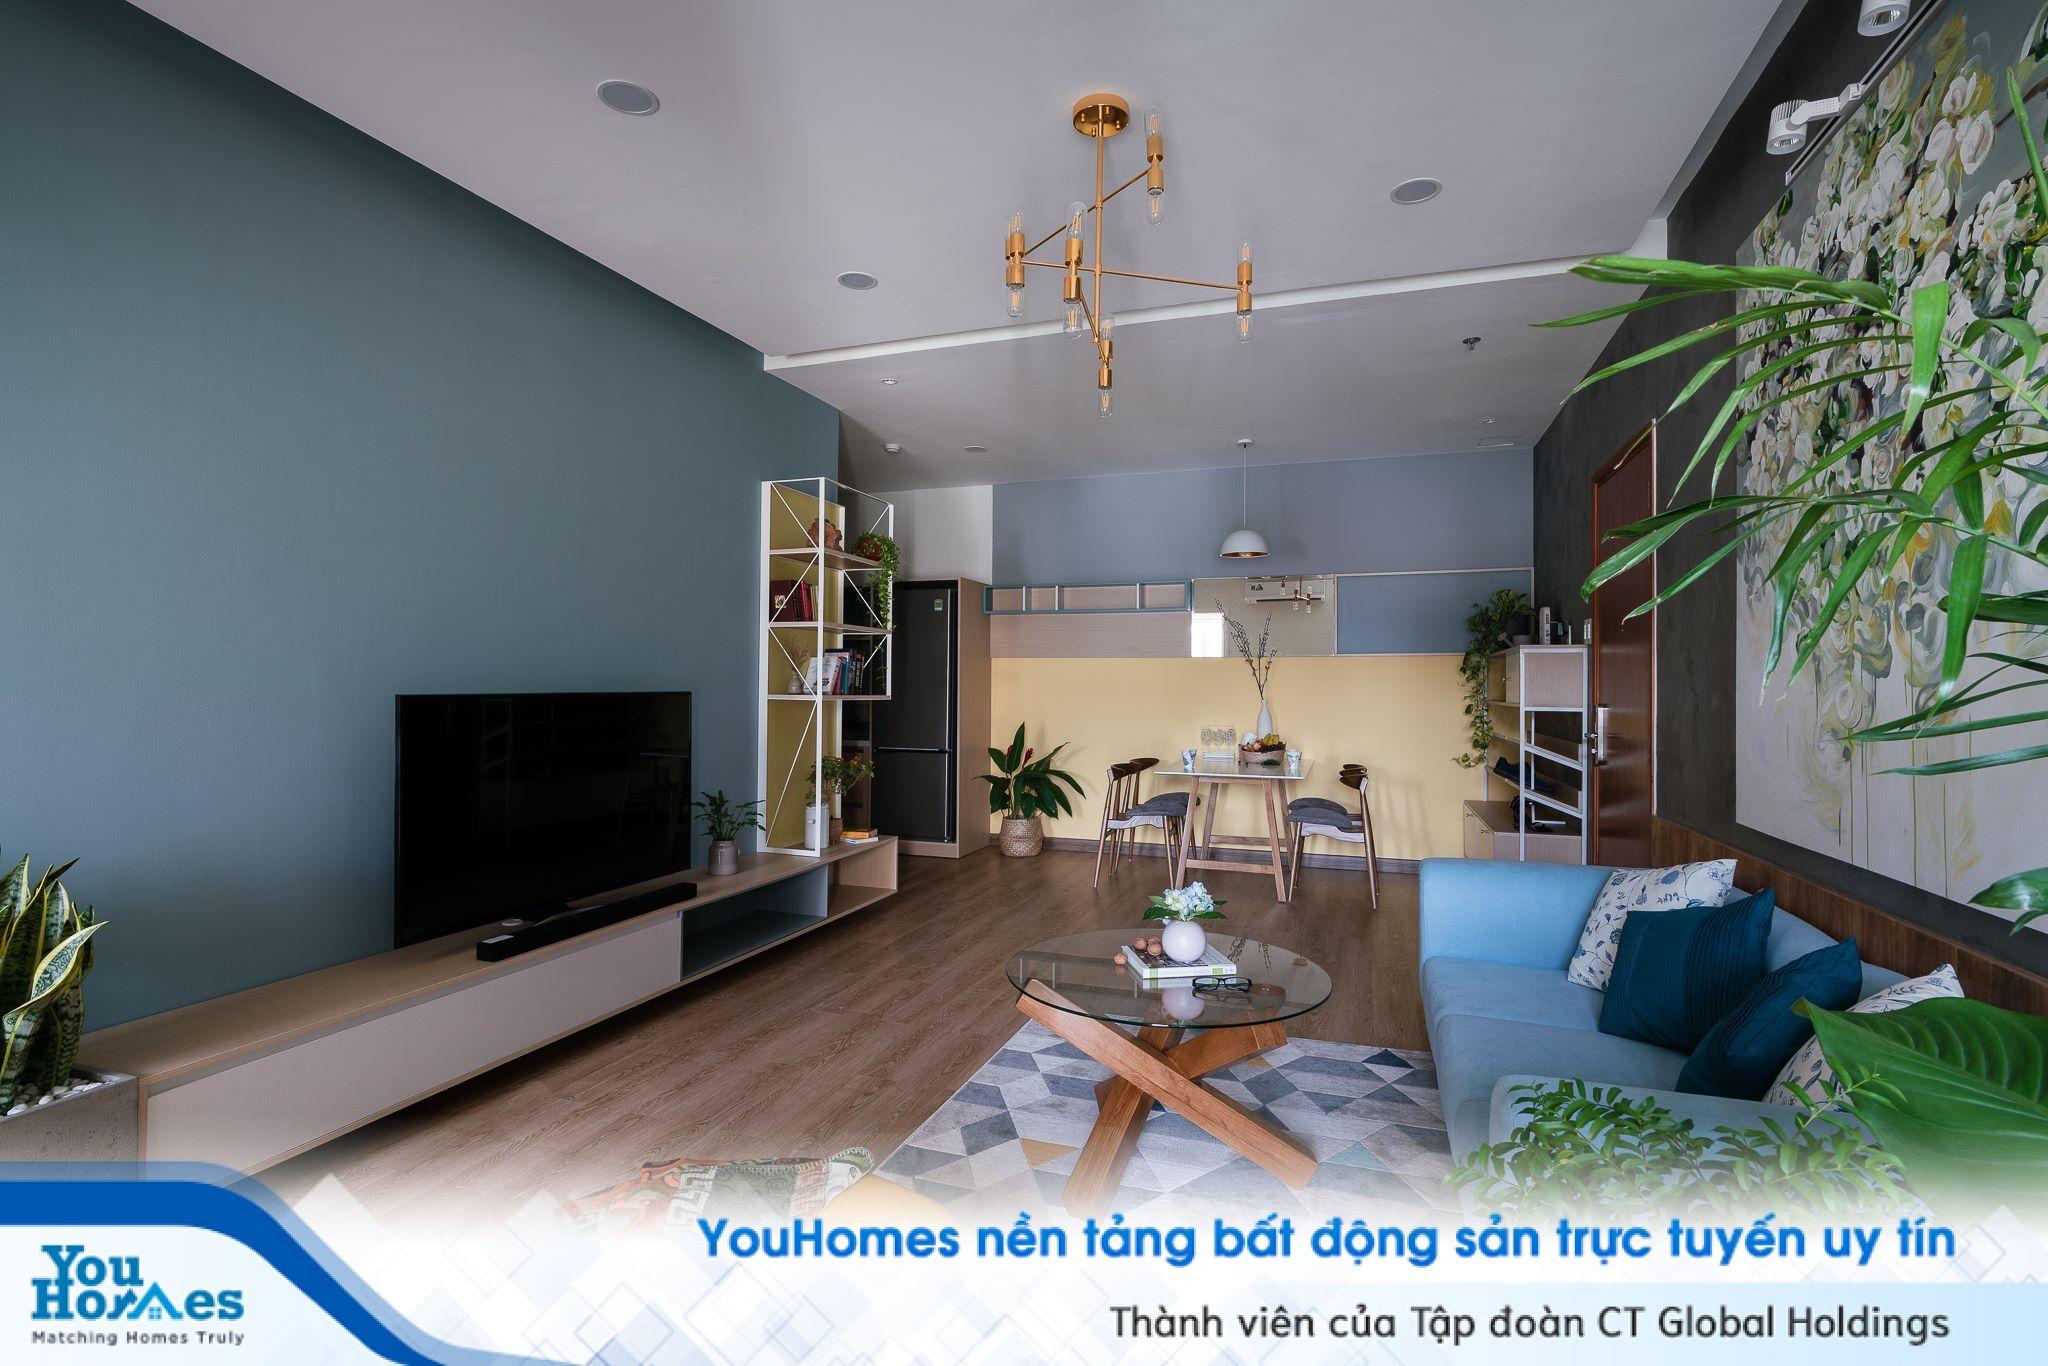 Nội thất căn hộ mang thiết kế tự nhiên thân thiện